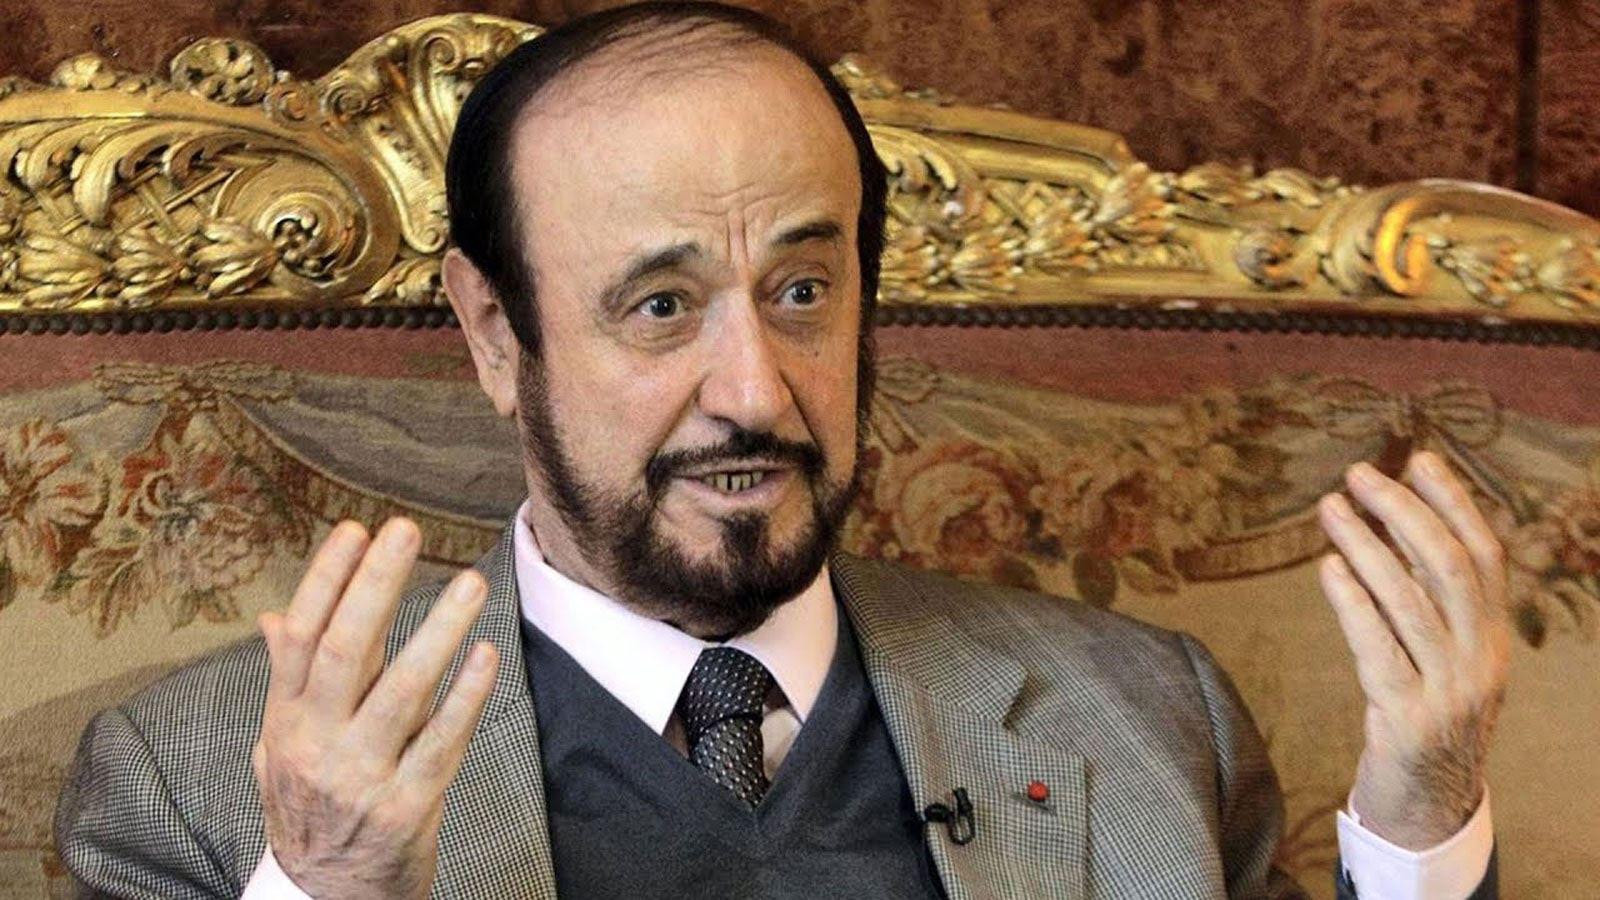 فرنسا تحكم بالسجن 4 سنوات على عم الرئيس السوري